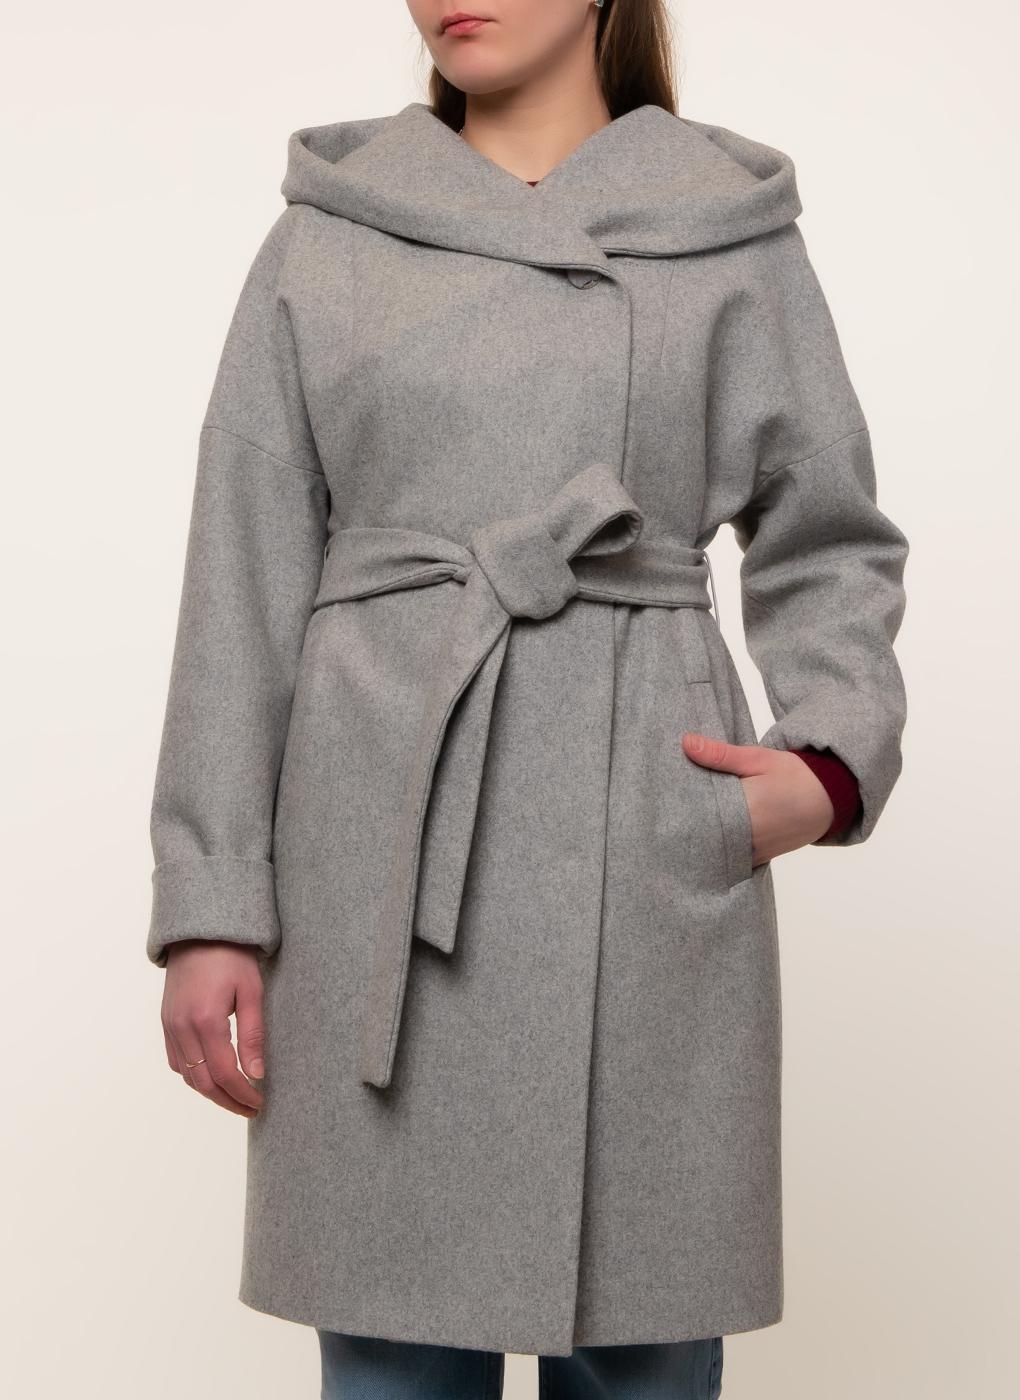 Пальто кокон полушерстяное 02, КАЛЯЕВ фото